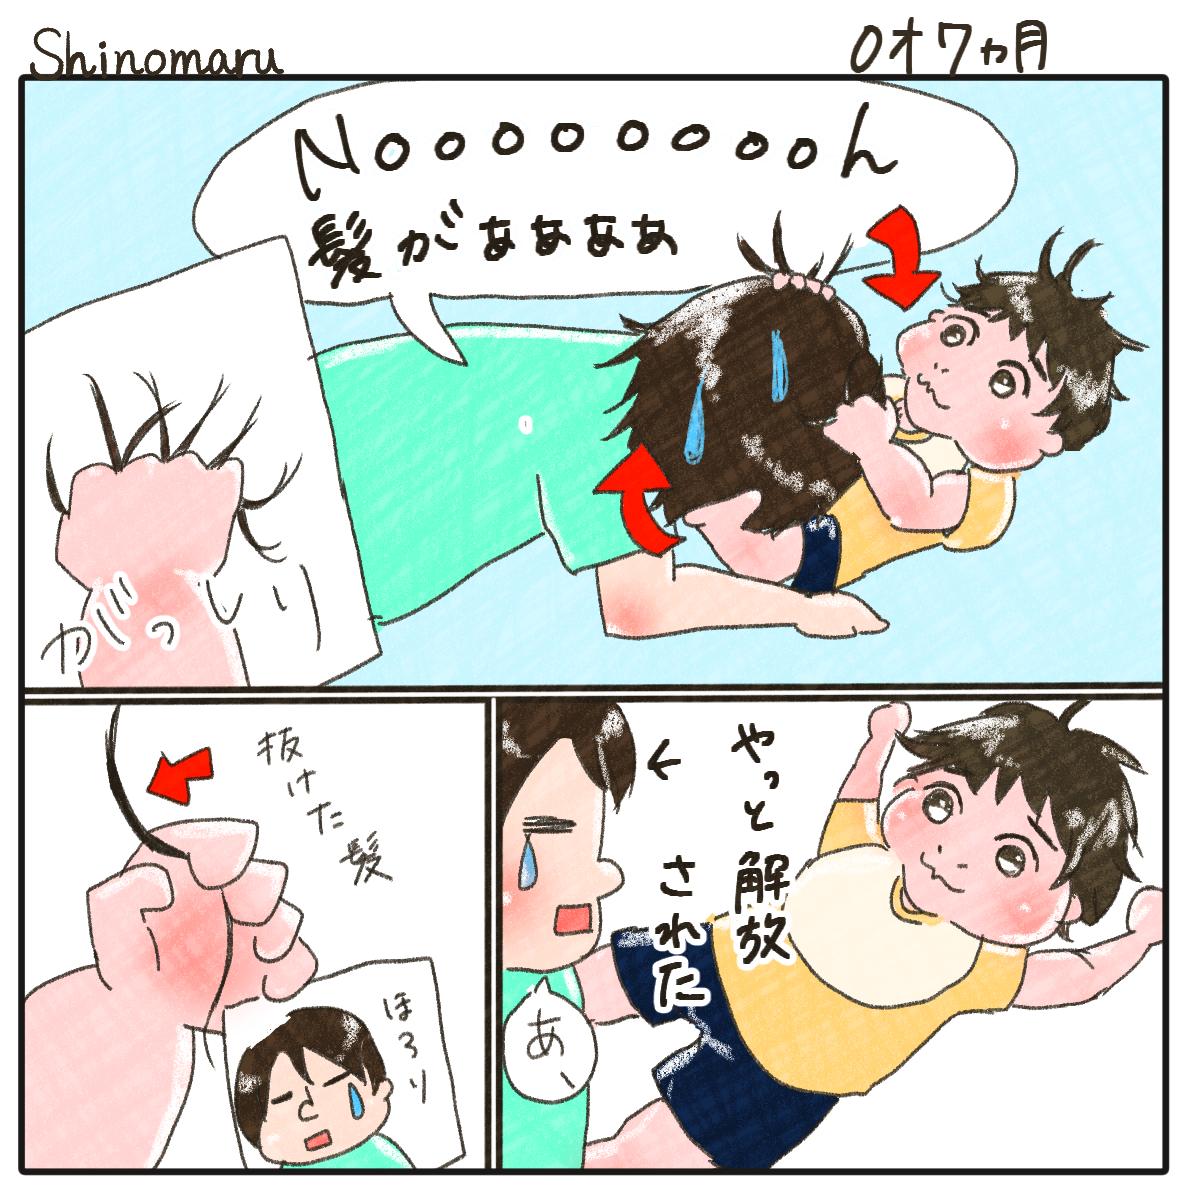 f:id:Shinomaru:20210621100200p:plain